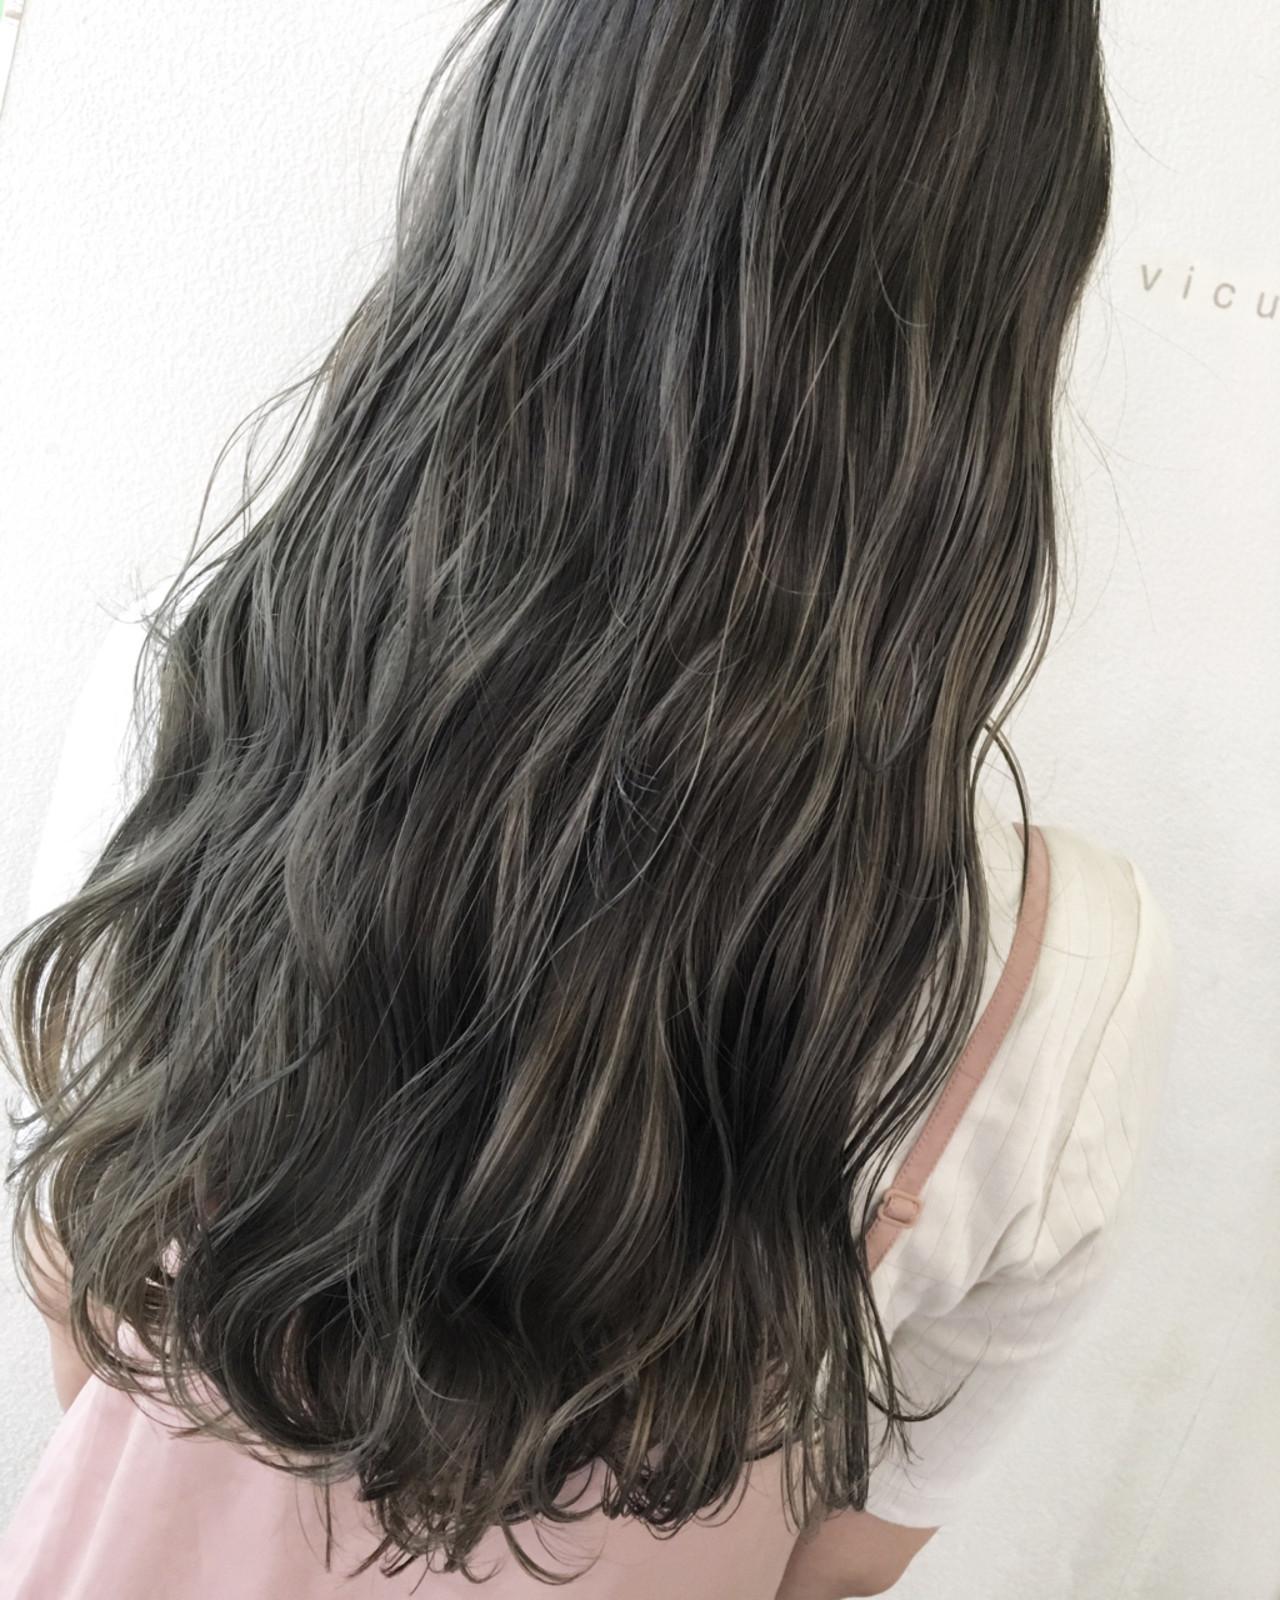 透明感 グレージュ 秋 外国人風 ヘアスタイルや髪型の写真・画像 | 田渕 英和/vicushair / vicushair